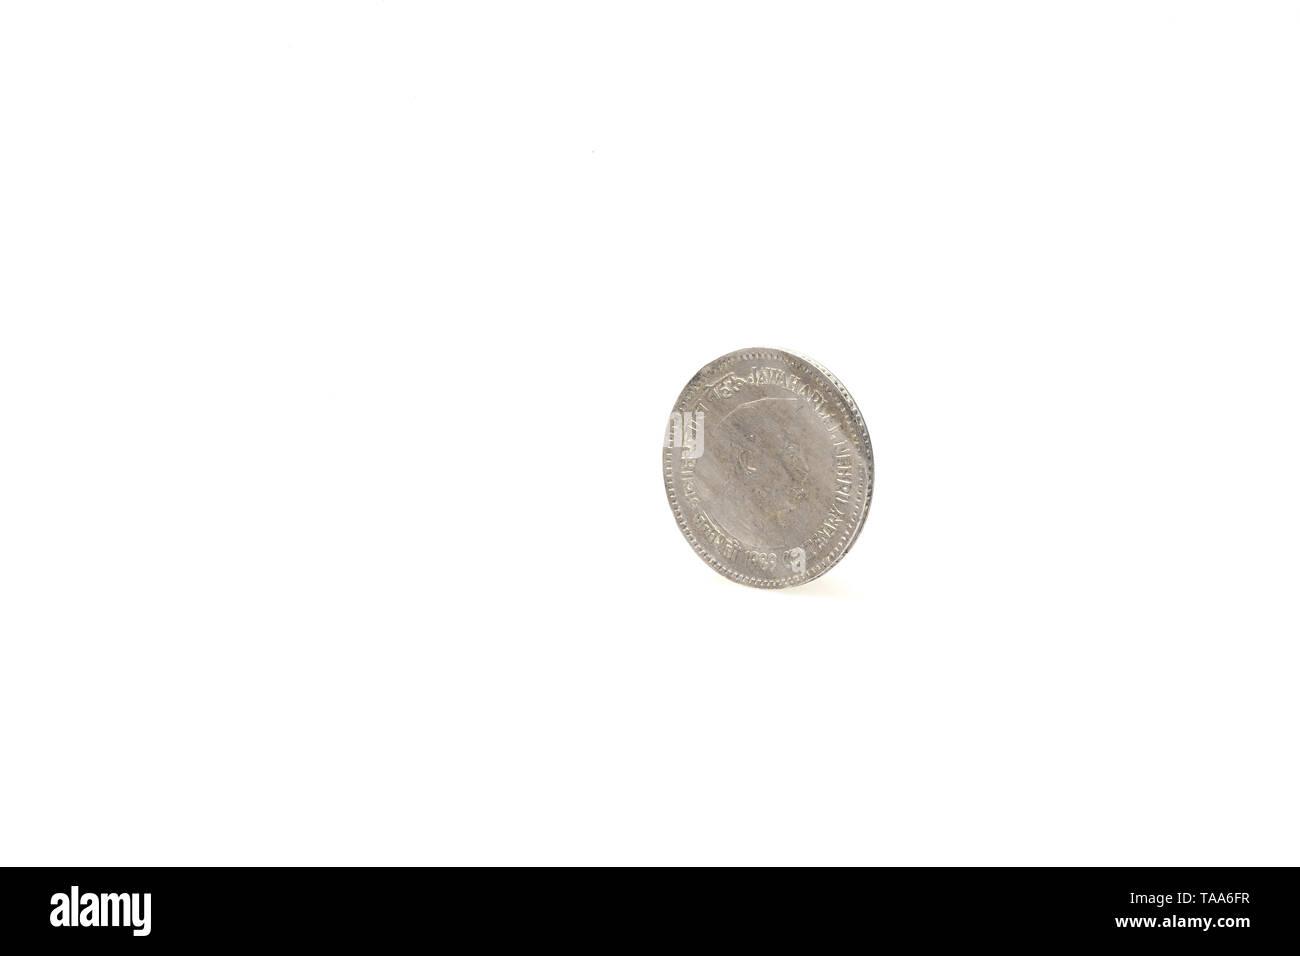 Une pièce de monnaie roupie sur fond blanc, de l'Inde, l'Asie, 1989 Photo Stock